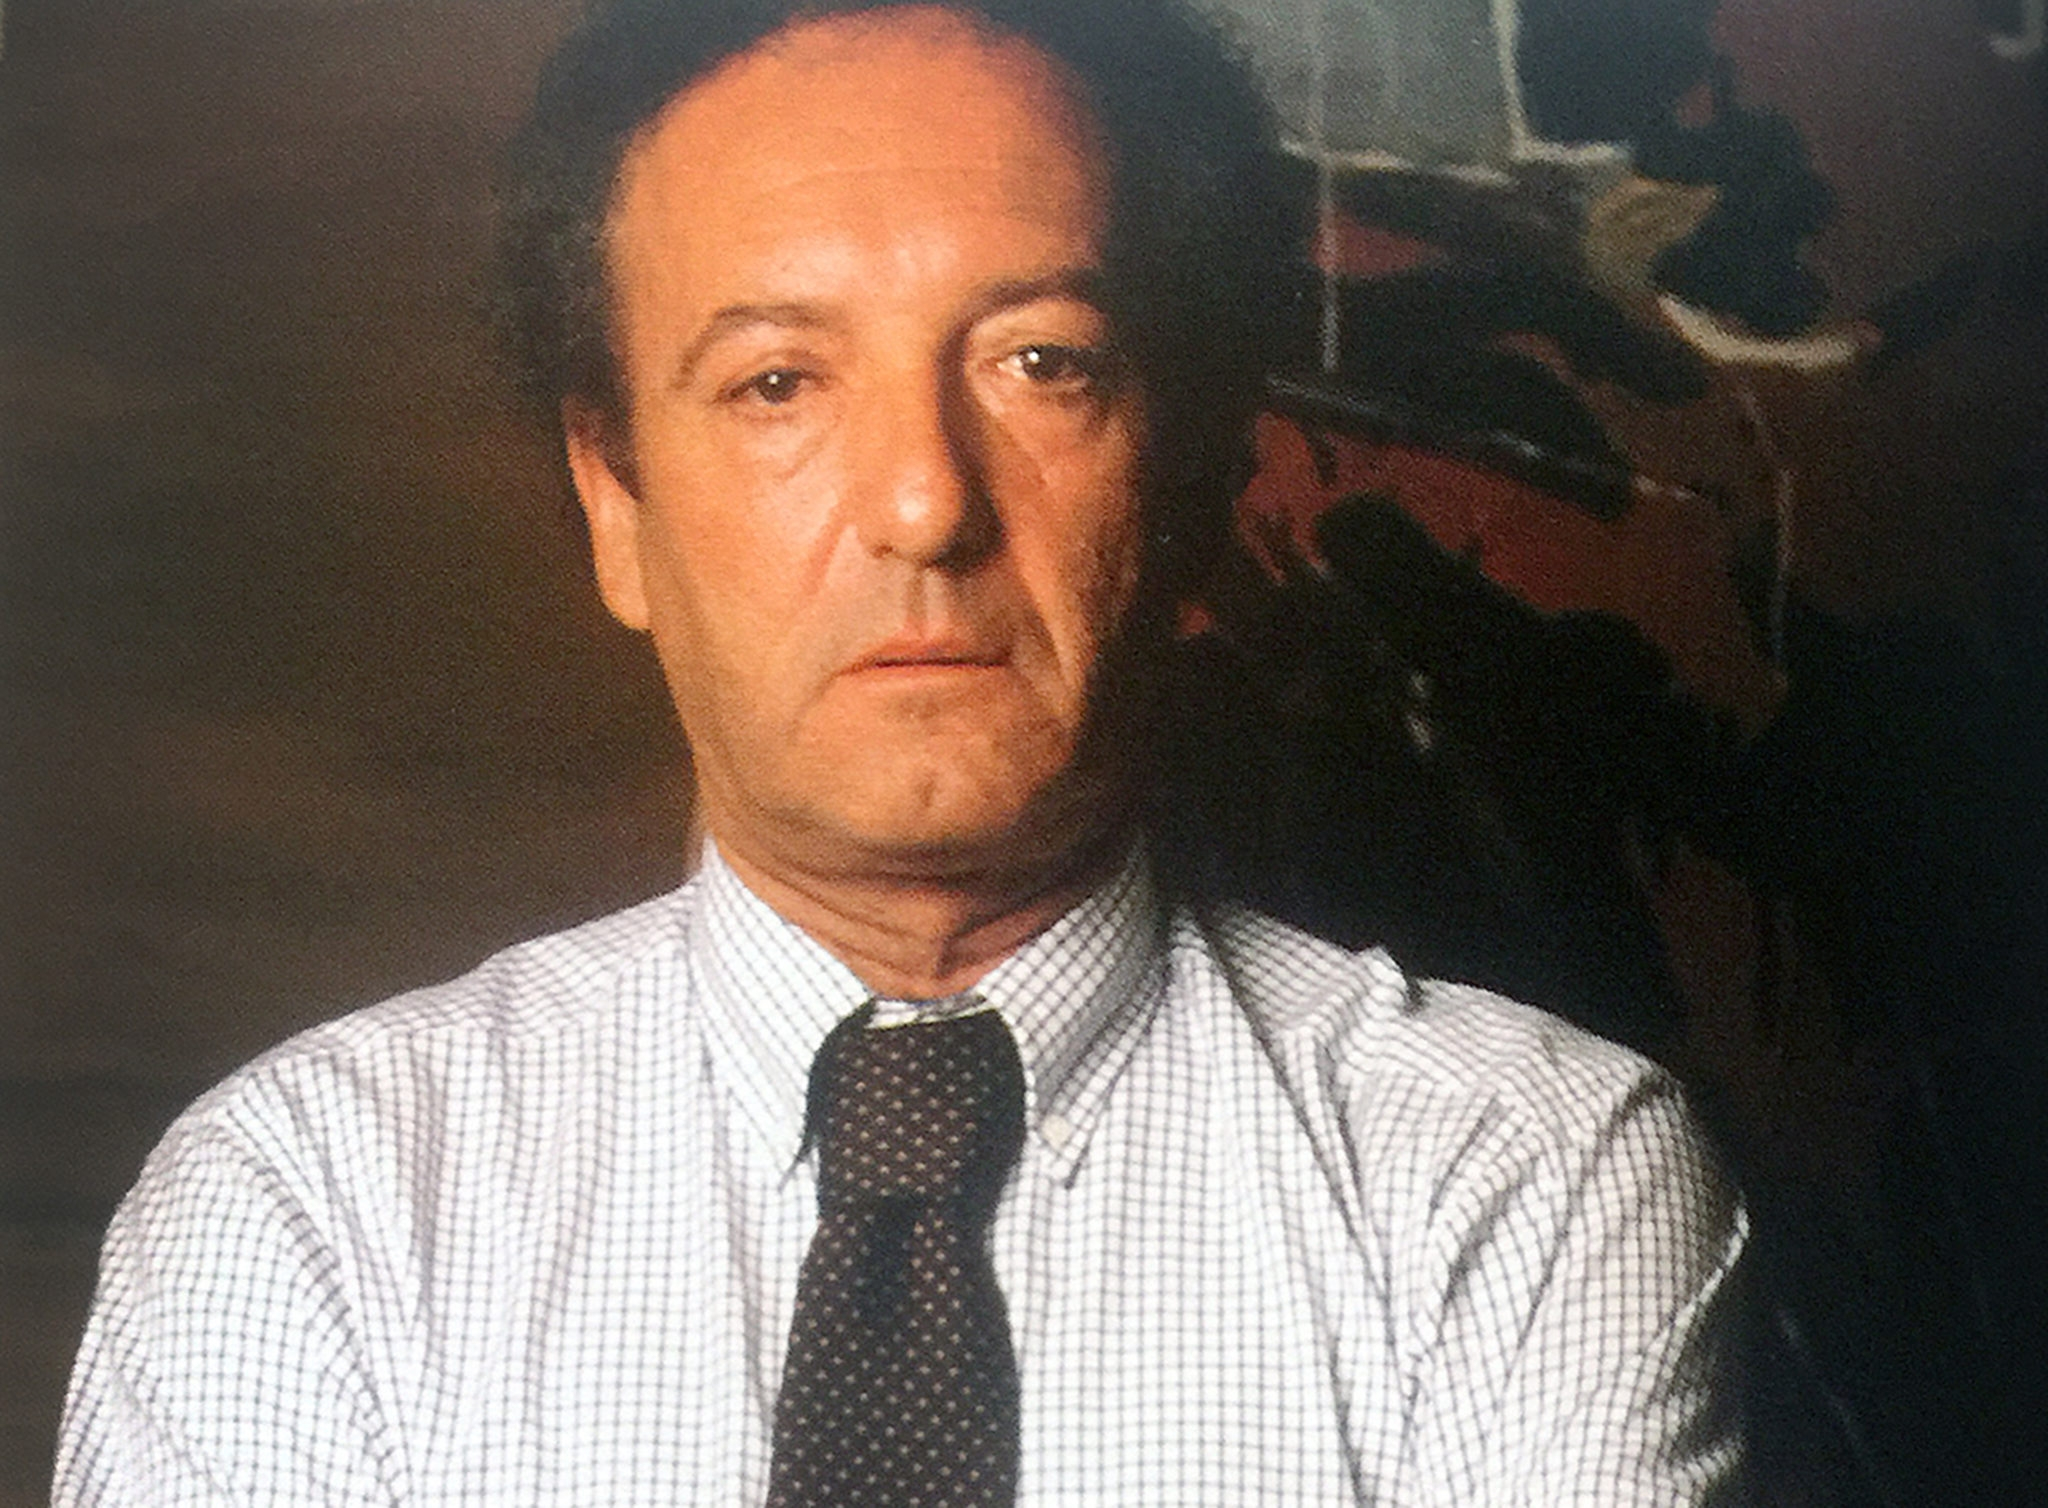 José Carlos Botelho Moniz